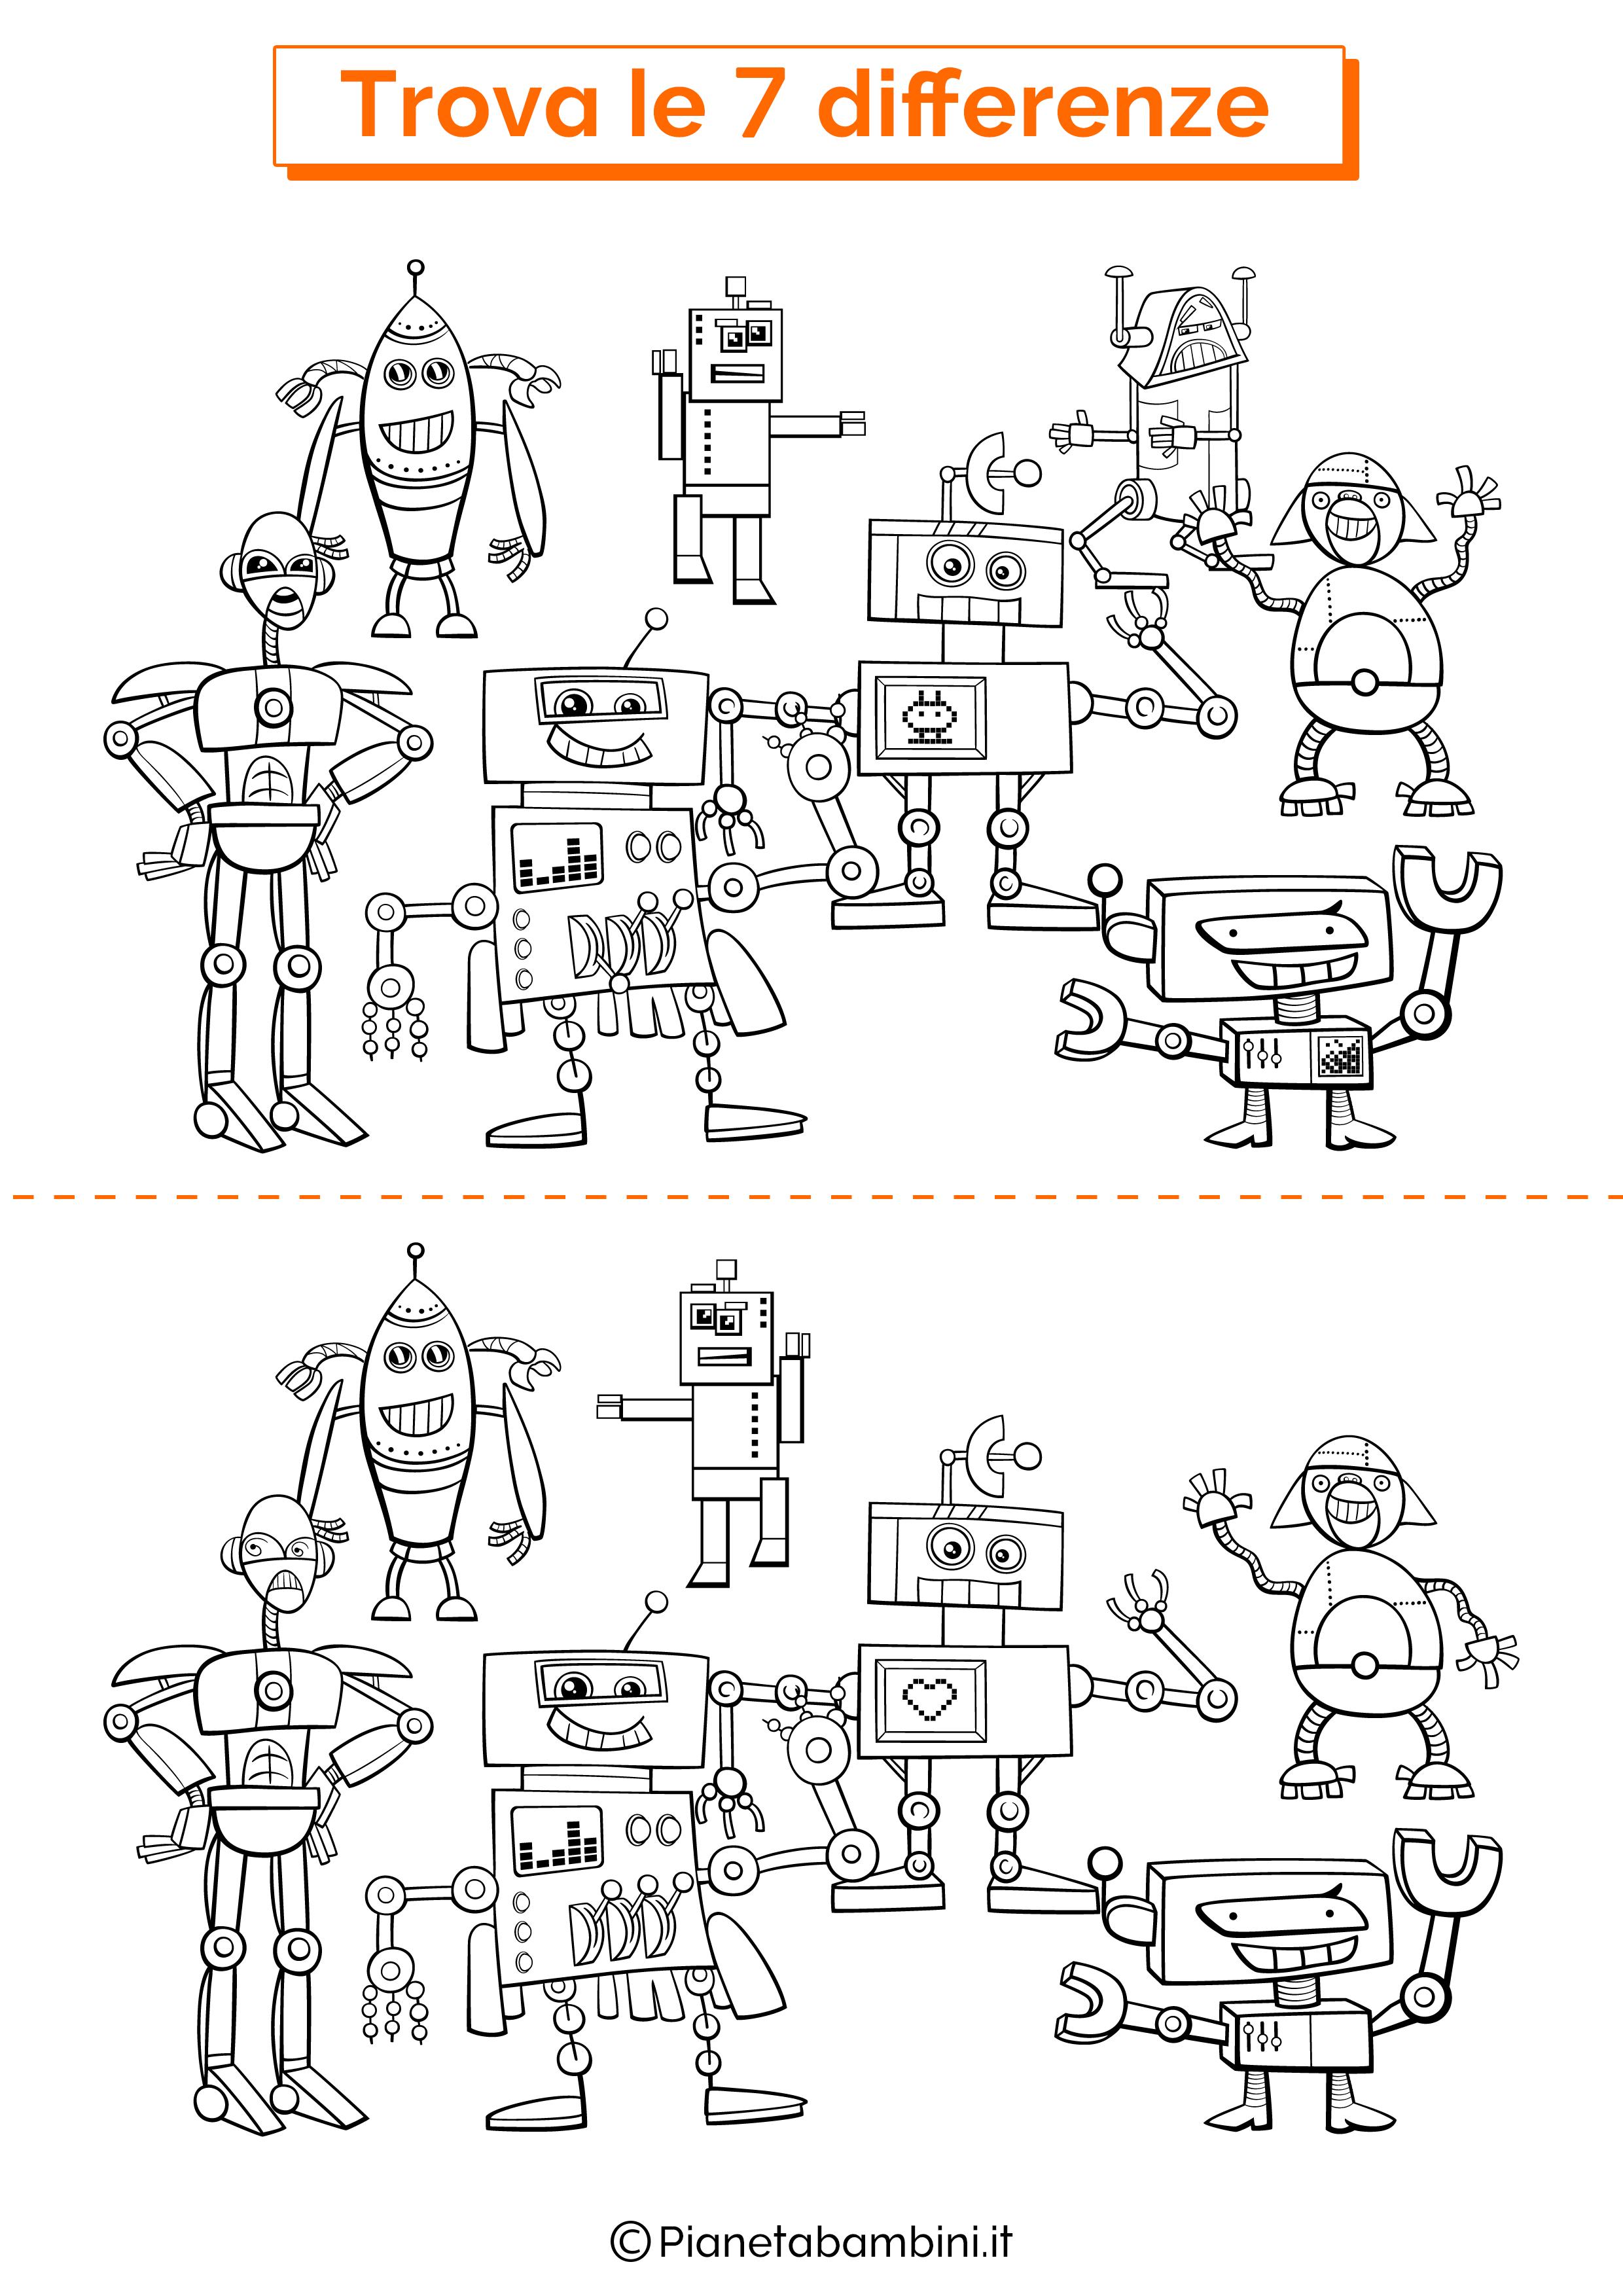 Disegno trova 7 differenze robot 2